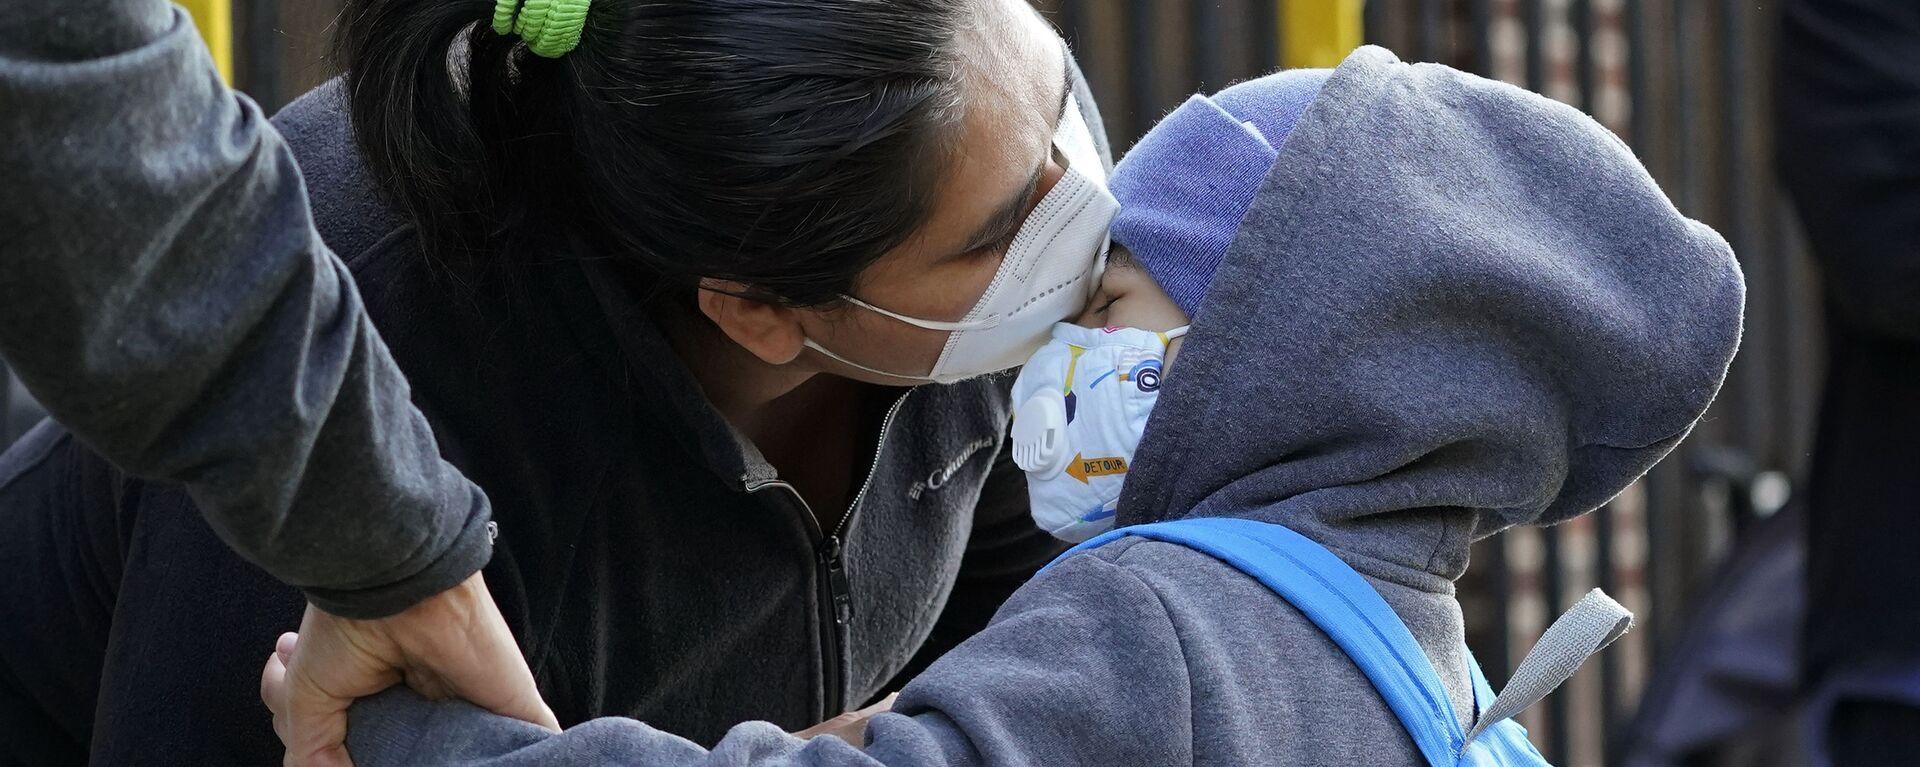 Пандемия коронавируса COVID-19. Мама и дочь в масках целуются в районе Куинс, Нью-Йорк, США перед началом занятий в школе - Sputnik Грузия, 1920, 15.01.2021